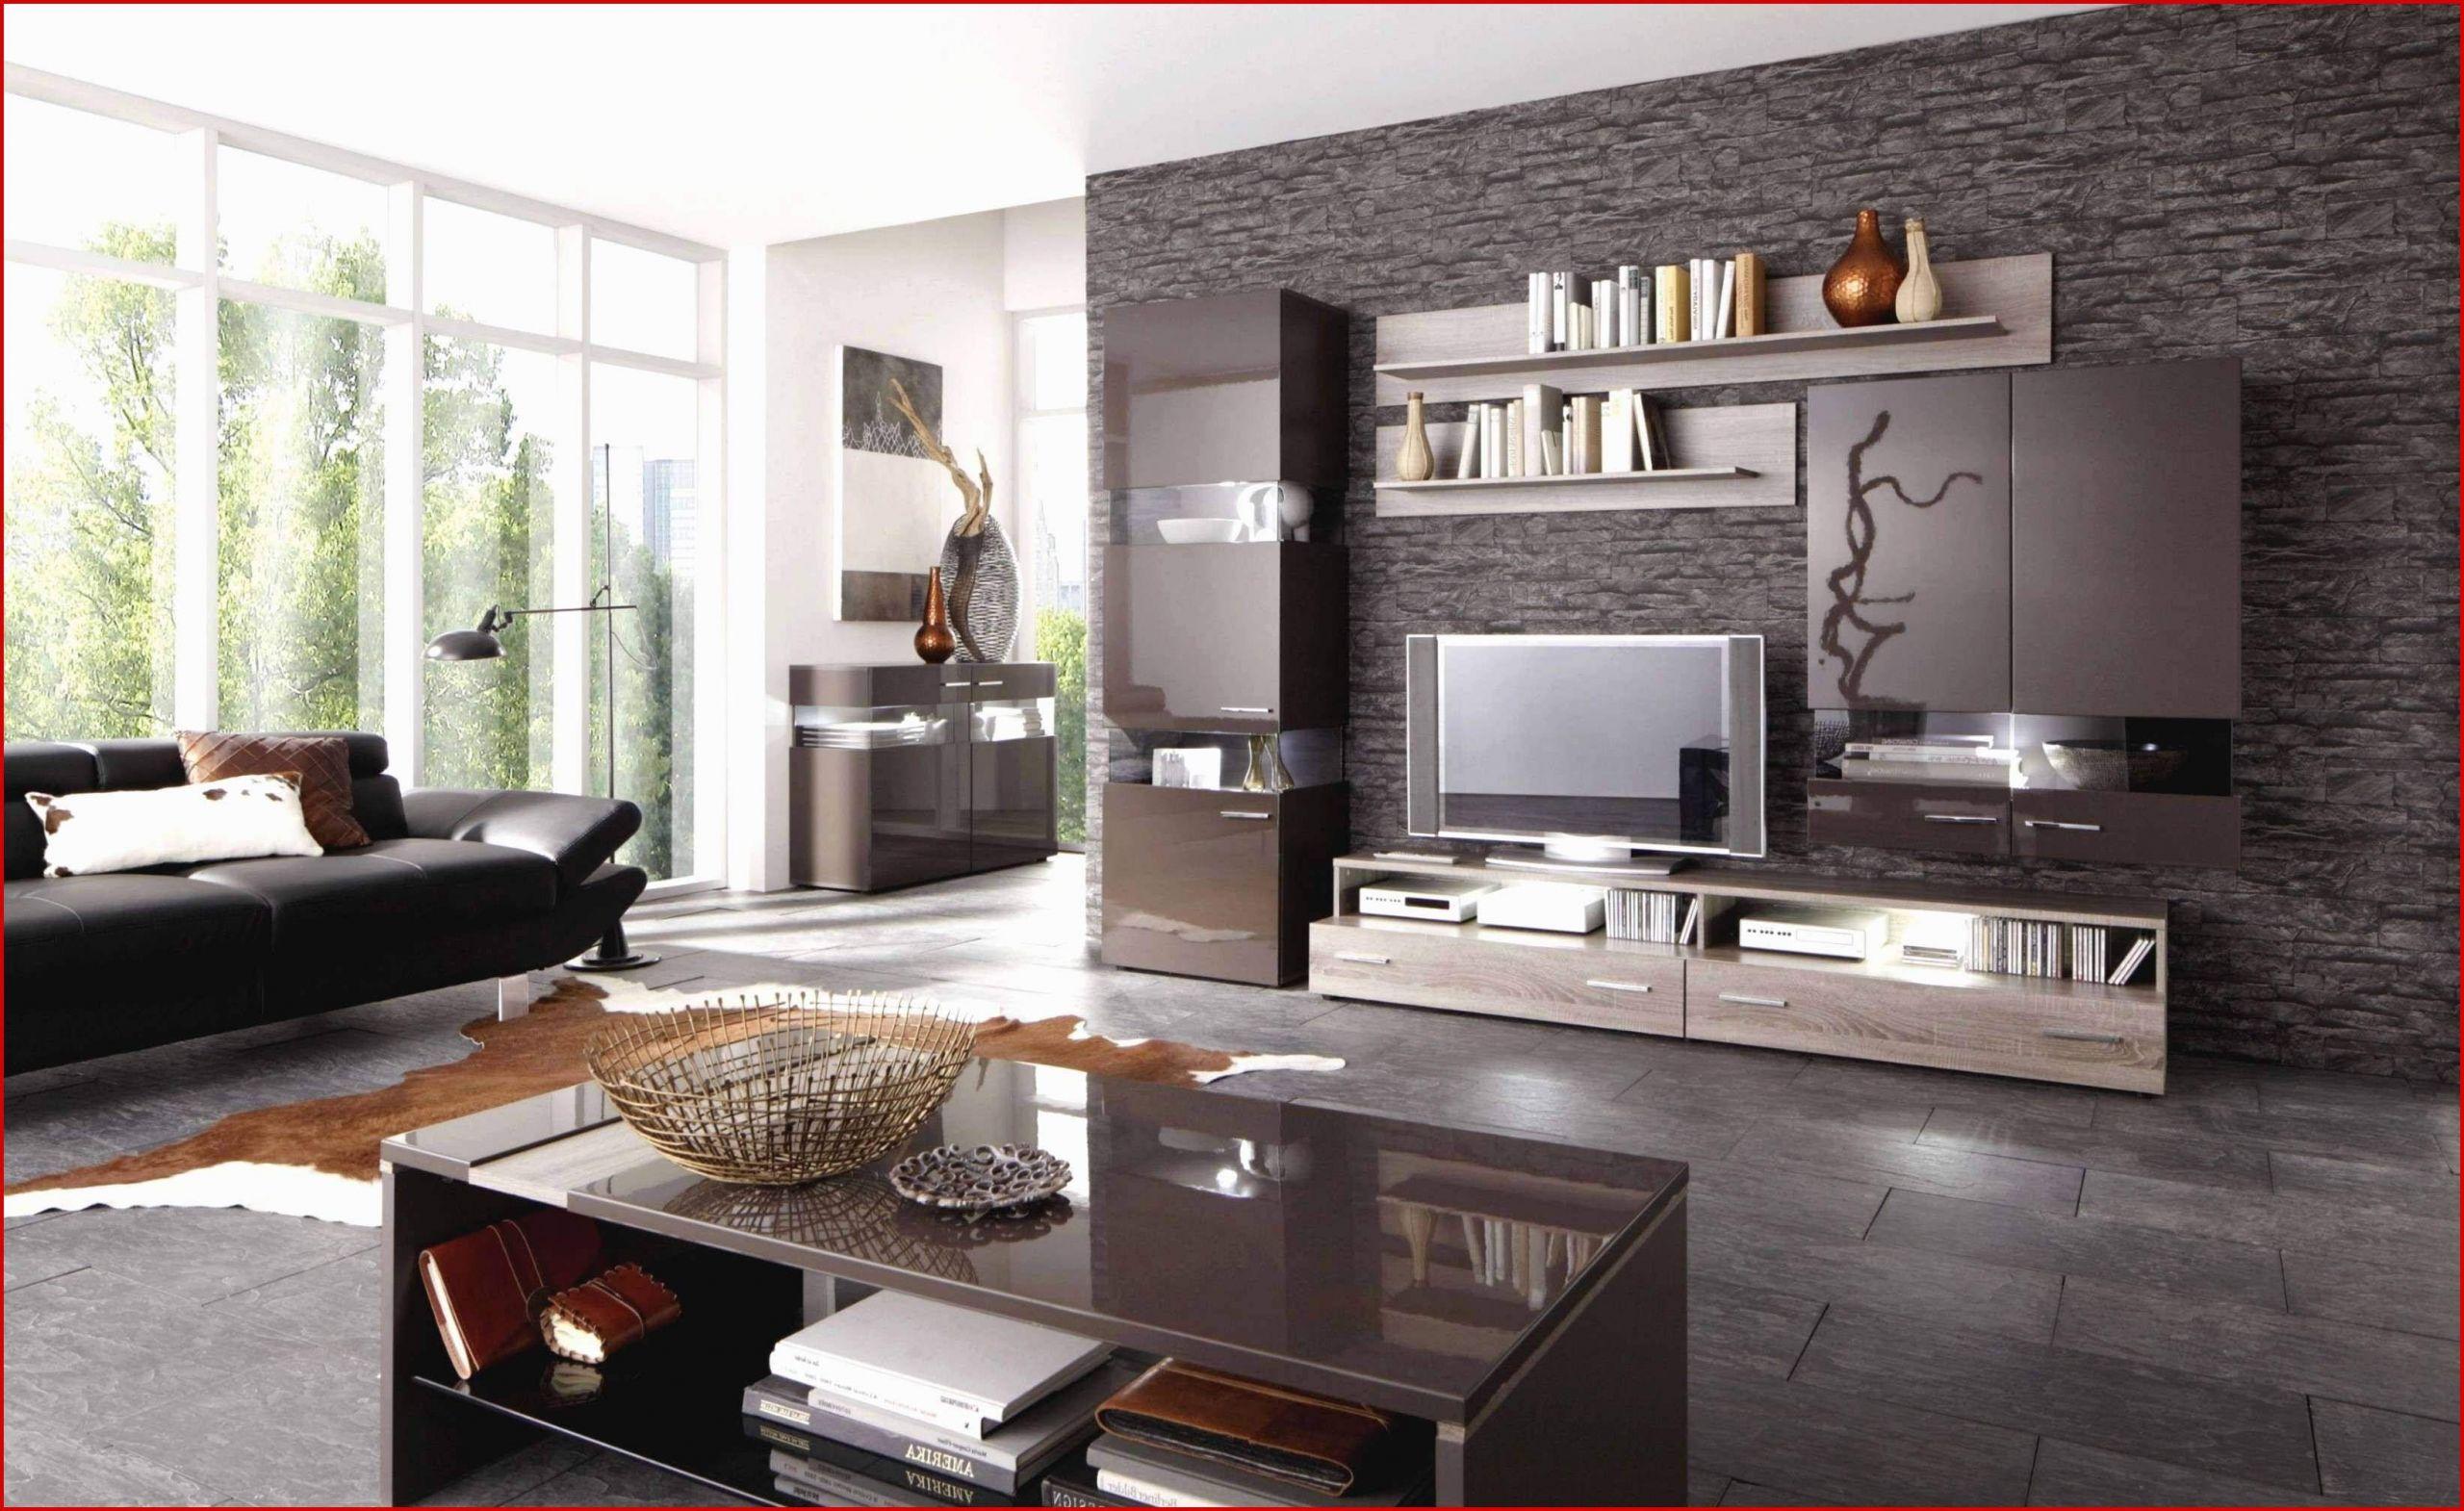 Full Size of Tapete Modern Wohnzimmer Schn Inspirierend Küche Weiss Dekoration Led Beleuchtung Gardinen Vorhänge Fototapete Schrankwand Modernes Bett Sofa Kleines Wohnzimmer Tapete Modern Wohnzimmer